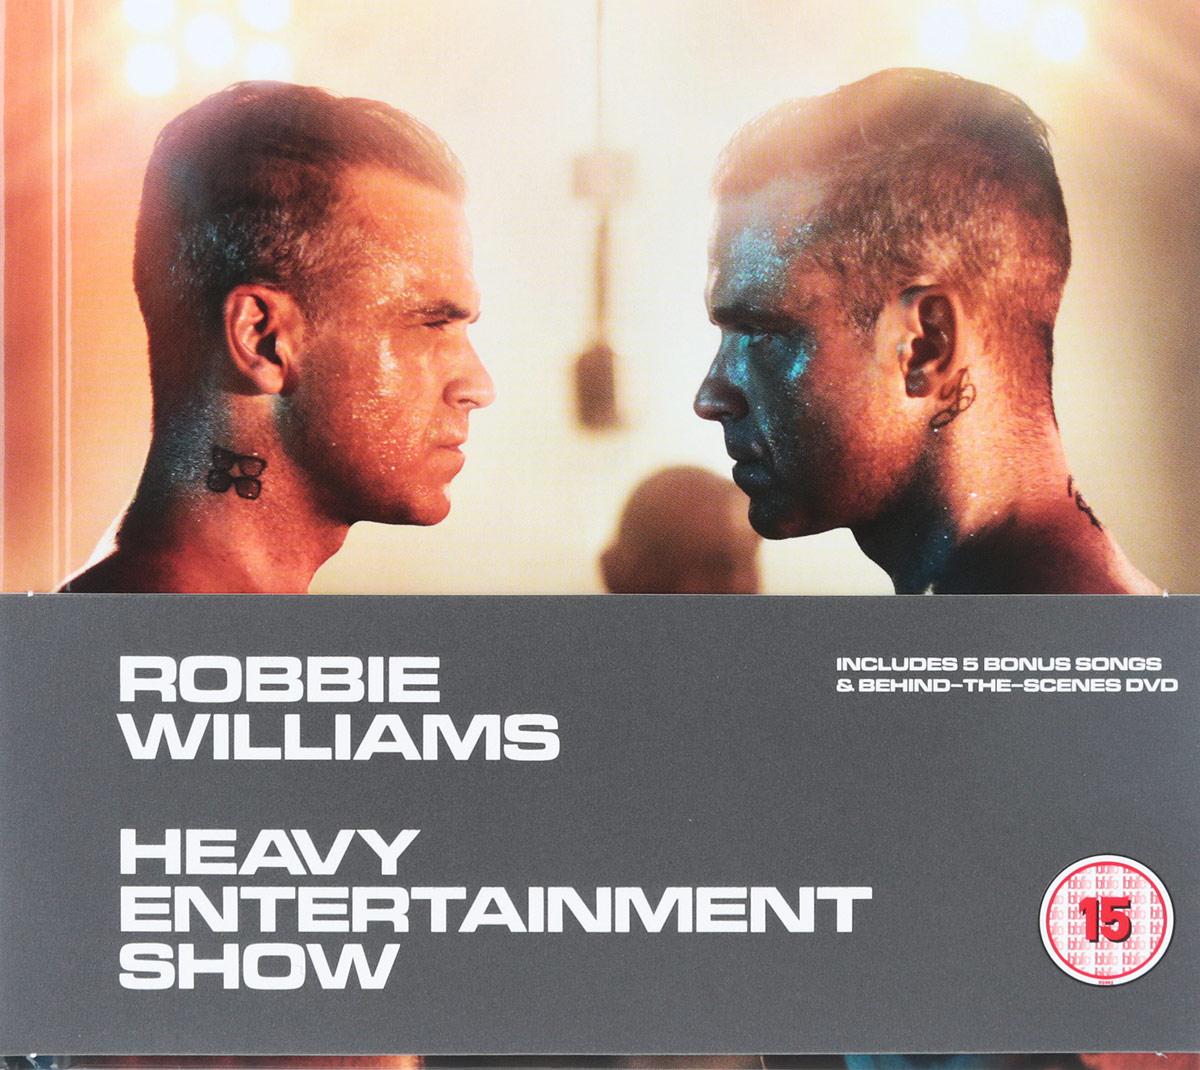 лучшая цена Робби Уильямс Robbie Williams. Heavy Entertainment Show (CD + DVD)